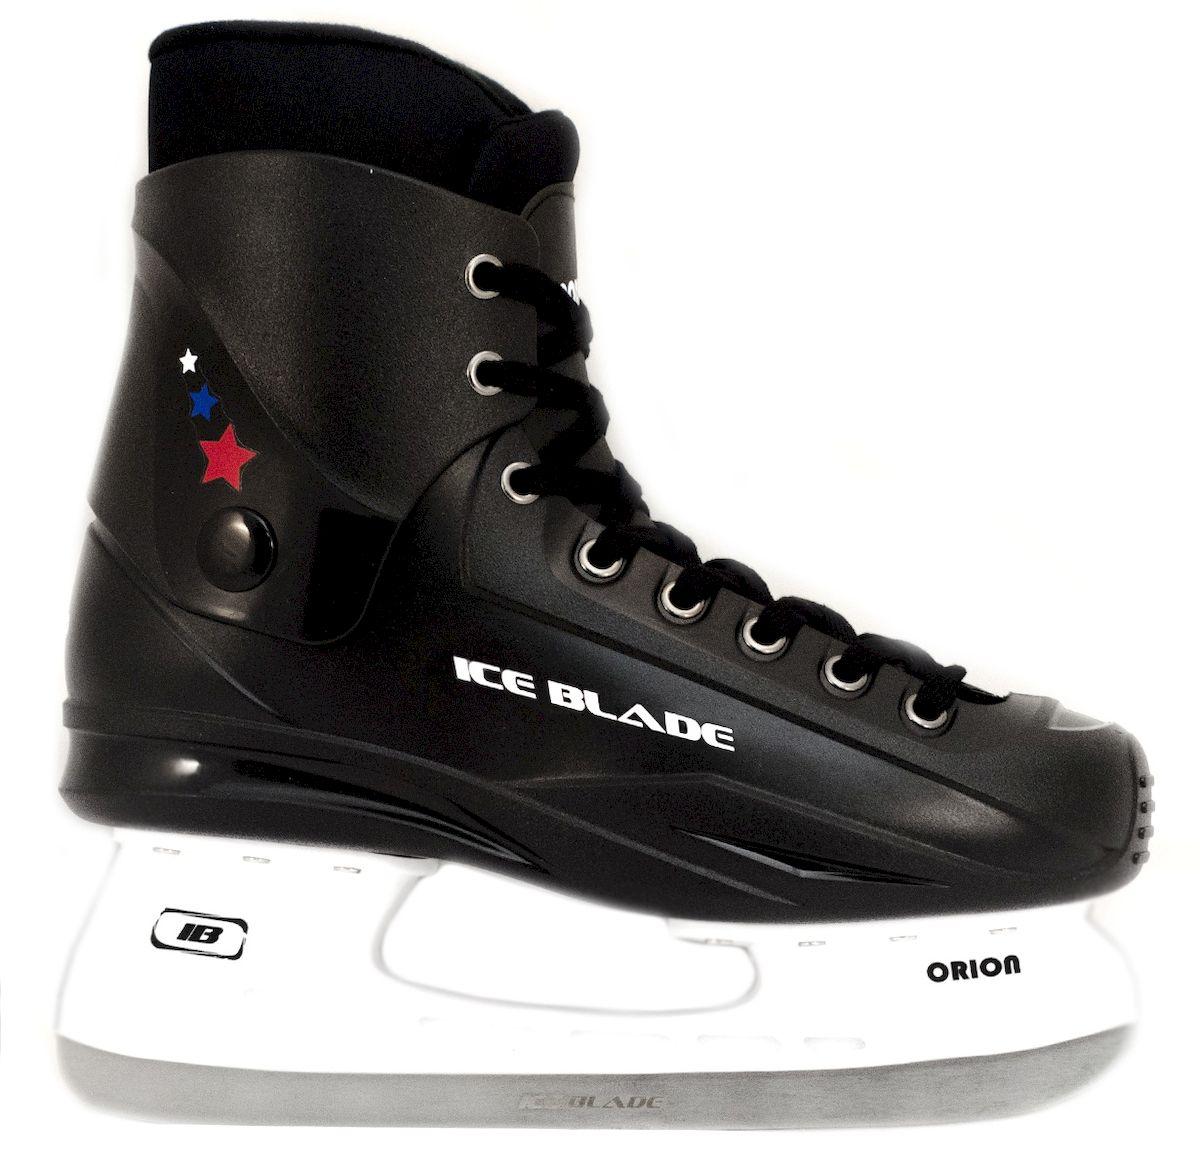 Коньки хоккейные Ice Blade Orion, цвет: черный. УТ-00004984. Размер 46УТ-00004984Коньки хоккейные Orion - это хоккейные коньки для любых возрастов. Конструкция Ice Blade Orion прекрасно защищает стопу, очень комфортно для активного катания, а также позволяет играть в хоккей. Легкий пластиковый ботинок хоккейных коньков Ice Blade Orion очень комфортный как для простого катания на льду, так и для любительского хоккея. Внутренний сапожок утеплен мягким и дышащим материалом, а язычок усилен специальной вставкой для большей безопасности Вашей стопы. Модель Ice Blade Orion также прекрасно подойдет и для коммерческого использования. Данную модель часто покупают для использования в прокате. Материал: Выполнены из высококачественного морозостойкого пластика и нейлоновой сетки. Внутренняя часть отделана мягким вельветом. Материал лезвия - высокоуглеродистая сталь. Основные характеристики: Назначение: хоккейные коньки Тип фиксации: шнурки Дополнительные характеристики: Материал ботинка: высококачественный морозостойкий пластик и нейлоновая сетка...